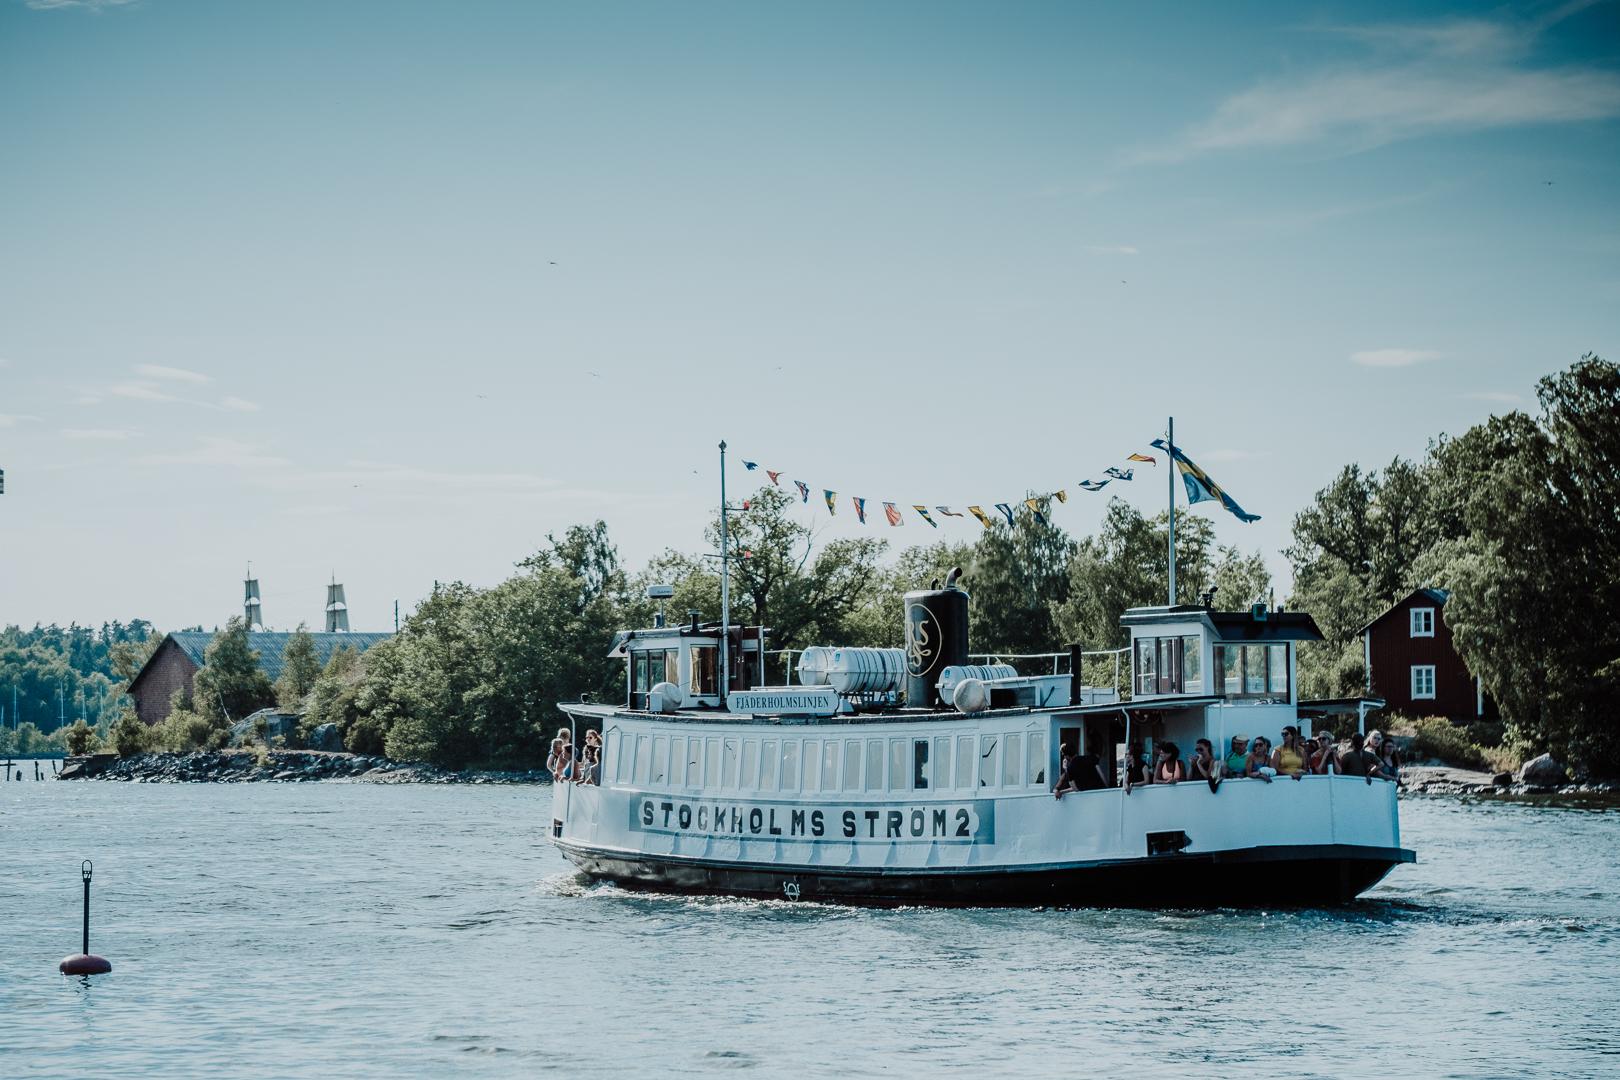 En dag i Stockholm, Kungsträdgårdenm Stockholms skärgård och Fjäderholmarna med Fjäderholmarnas krog och bryggeri